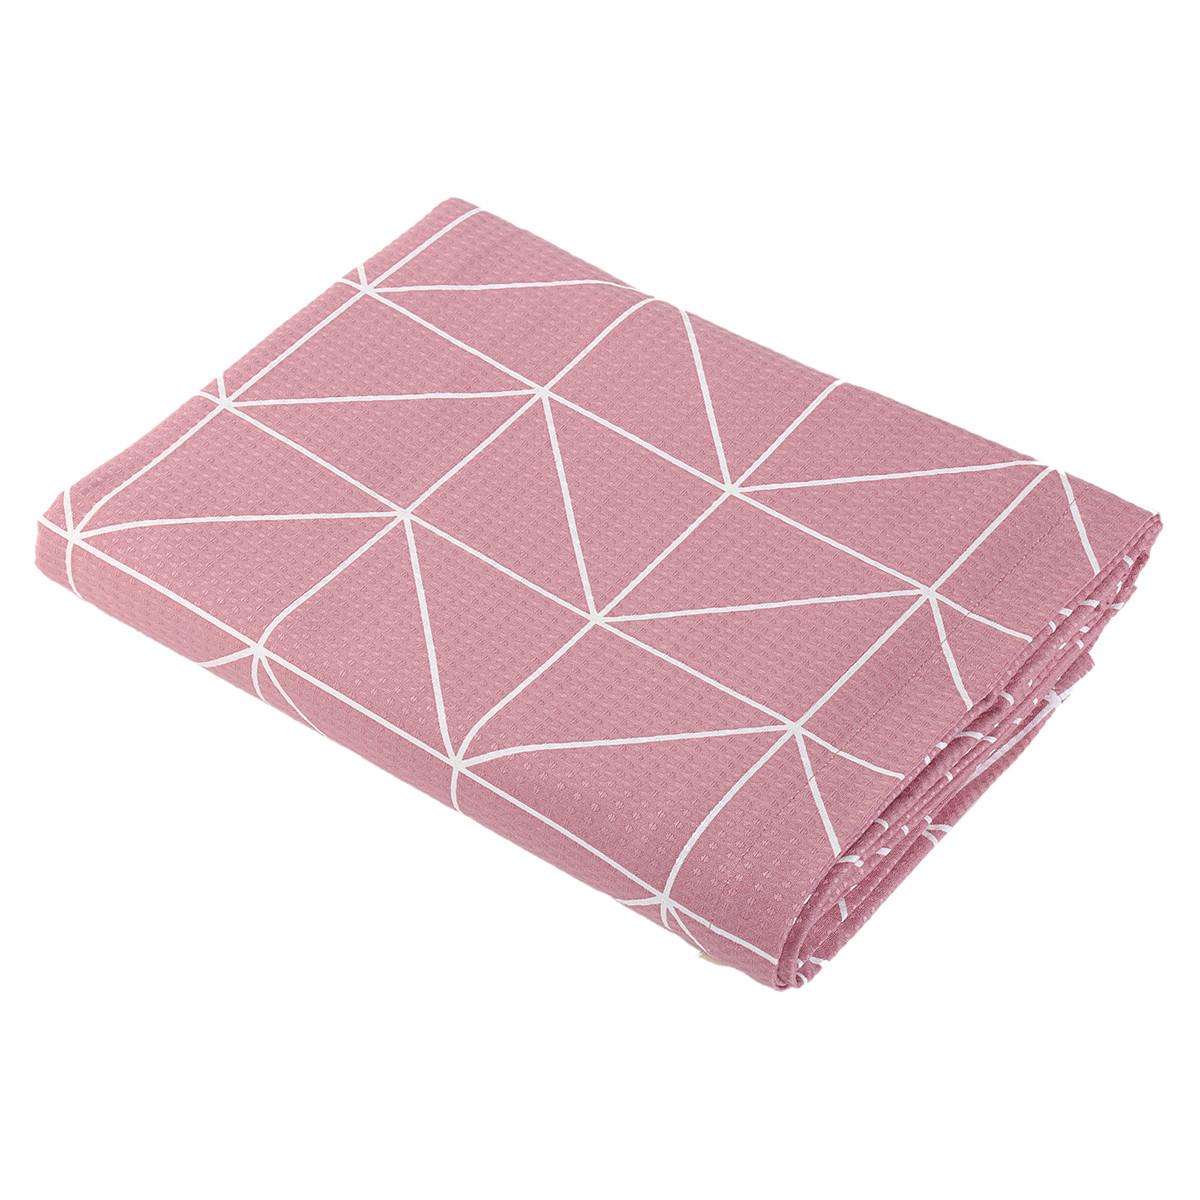 Κουβερτόριο Υπέρδιπλο Nef-Nef Marsal Orchid home   κρεβατοκάμαρα   κουβέρτες   κουβέρτες καλοκαιρινές υπέρδιπλες